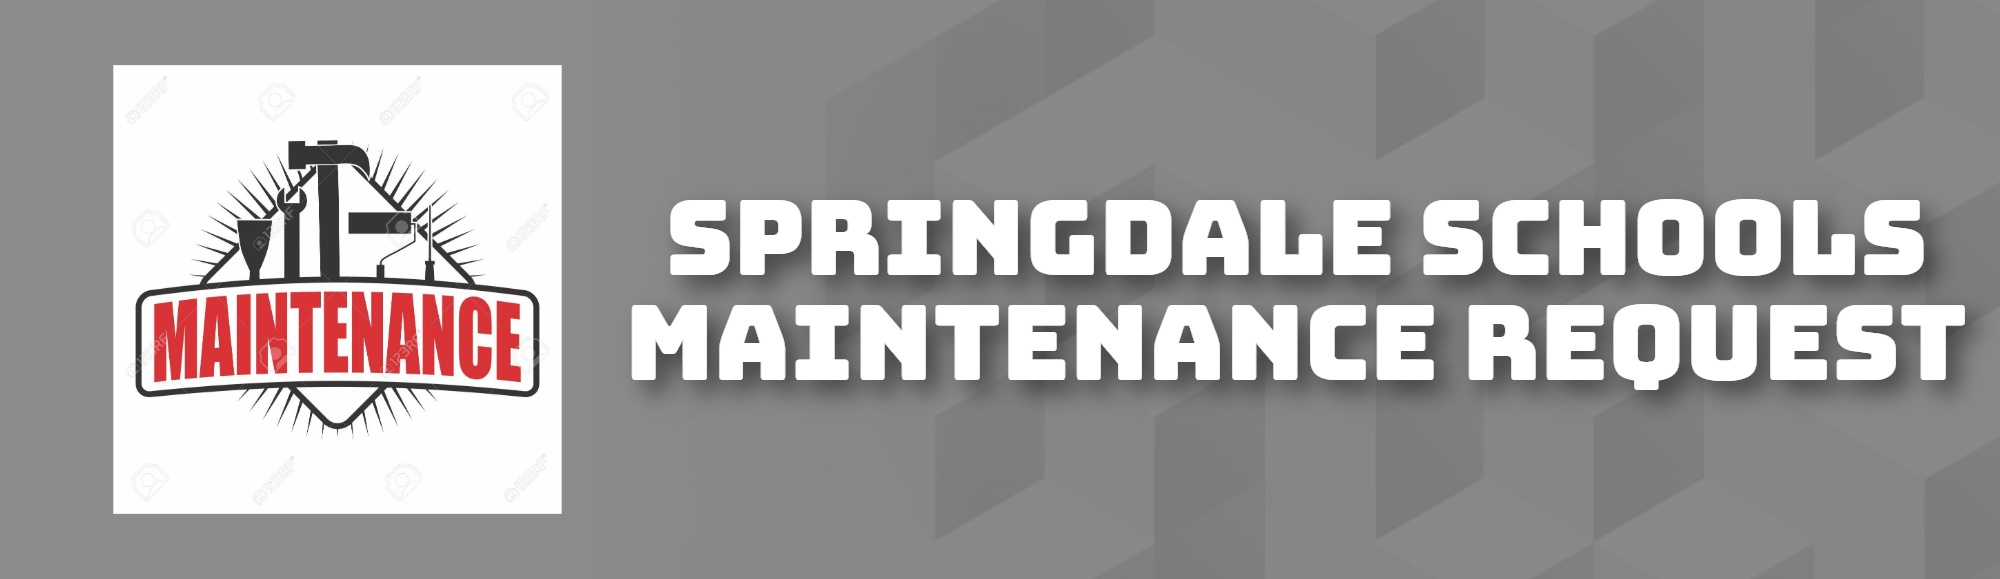 SPRINGDALE SCHOOLS MAINTENANCE REQUEST